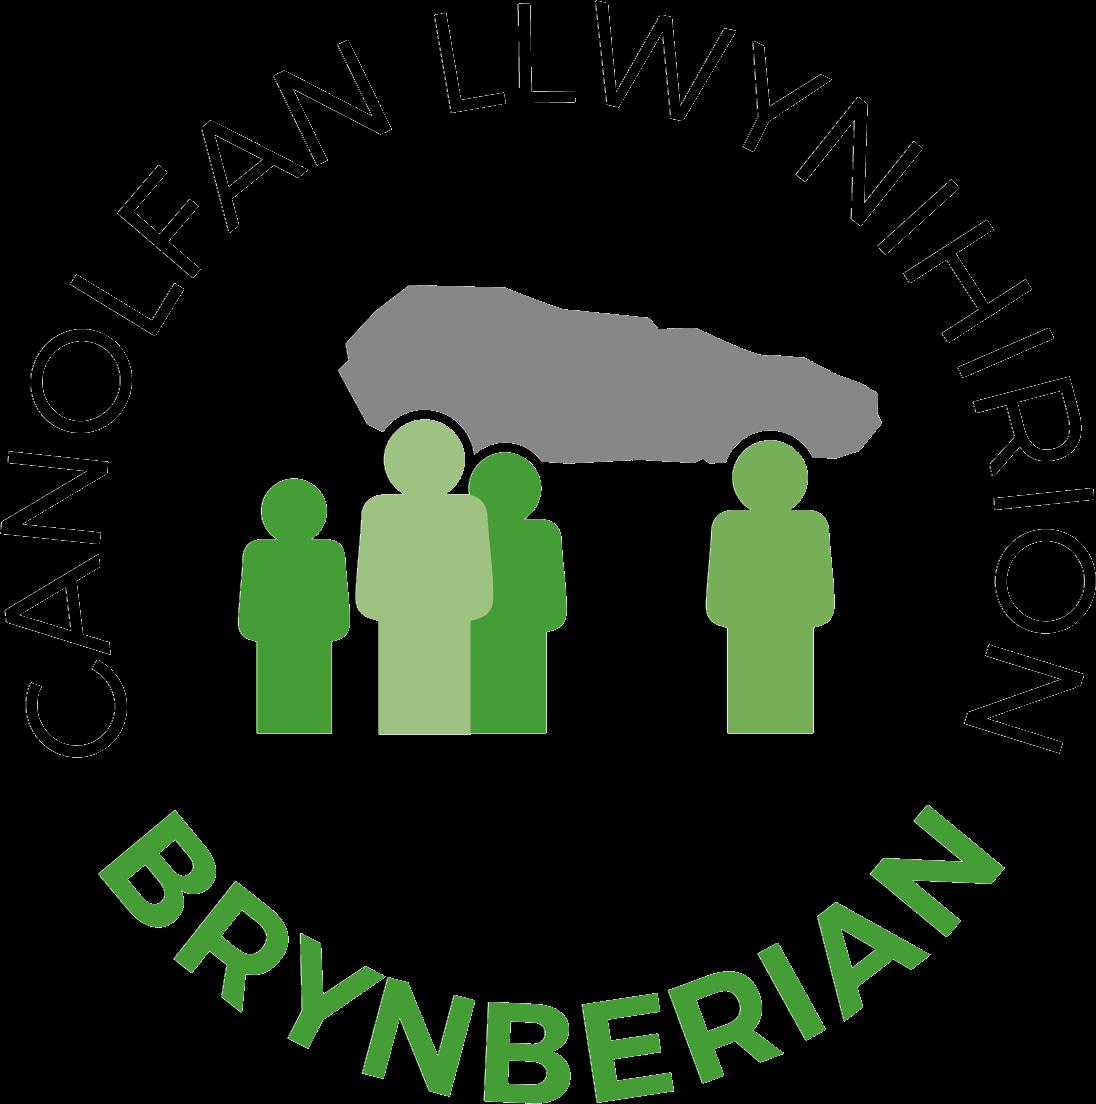 Canolfan  Llwynihirion Brynberian